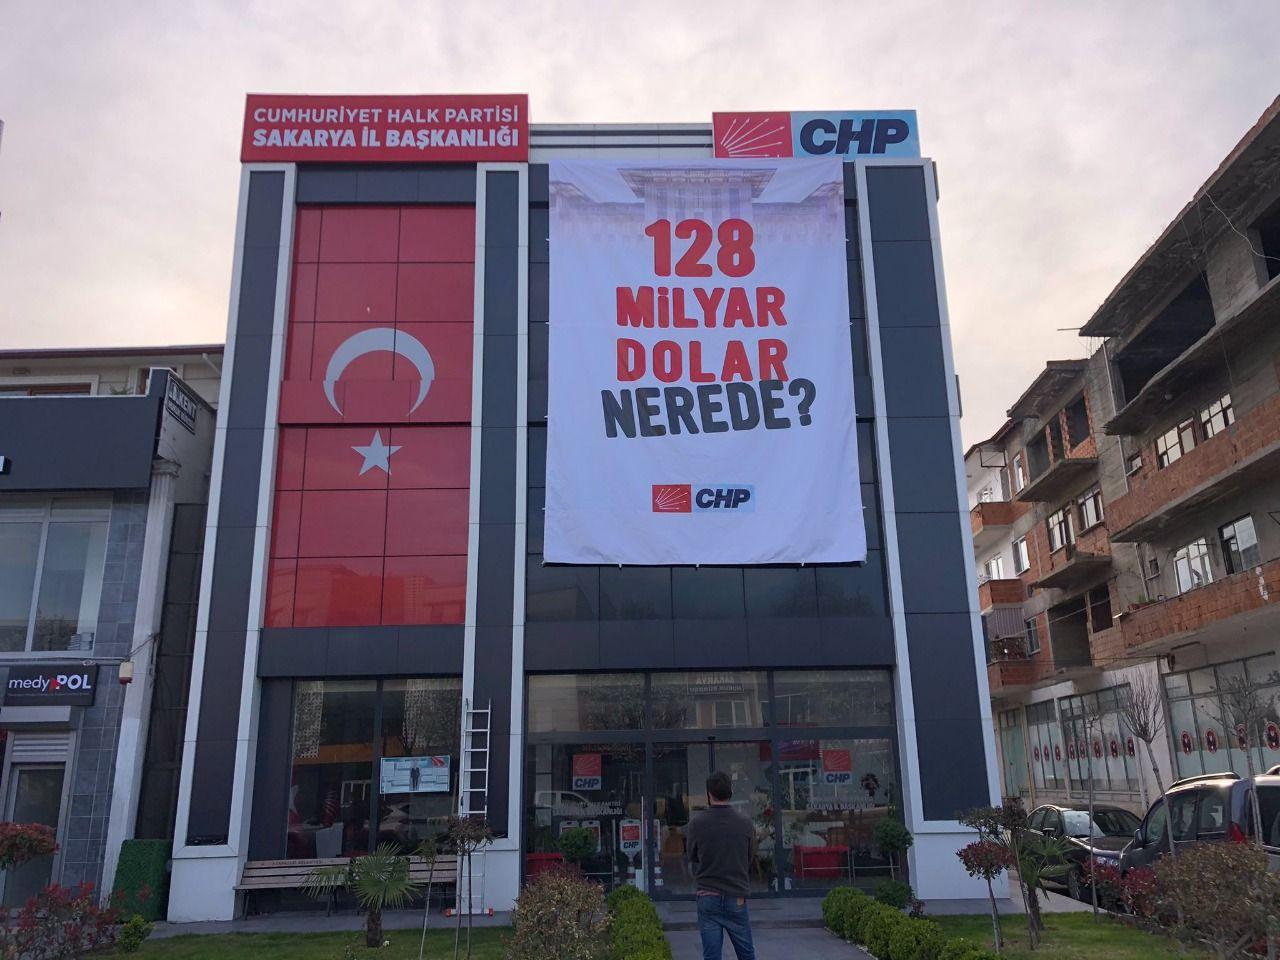 ترکیه: 128 میلیارد دلار کجاست؟ (+عکس)